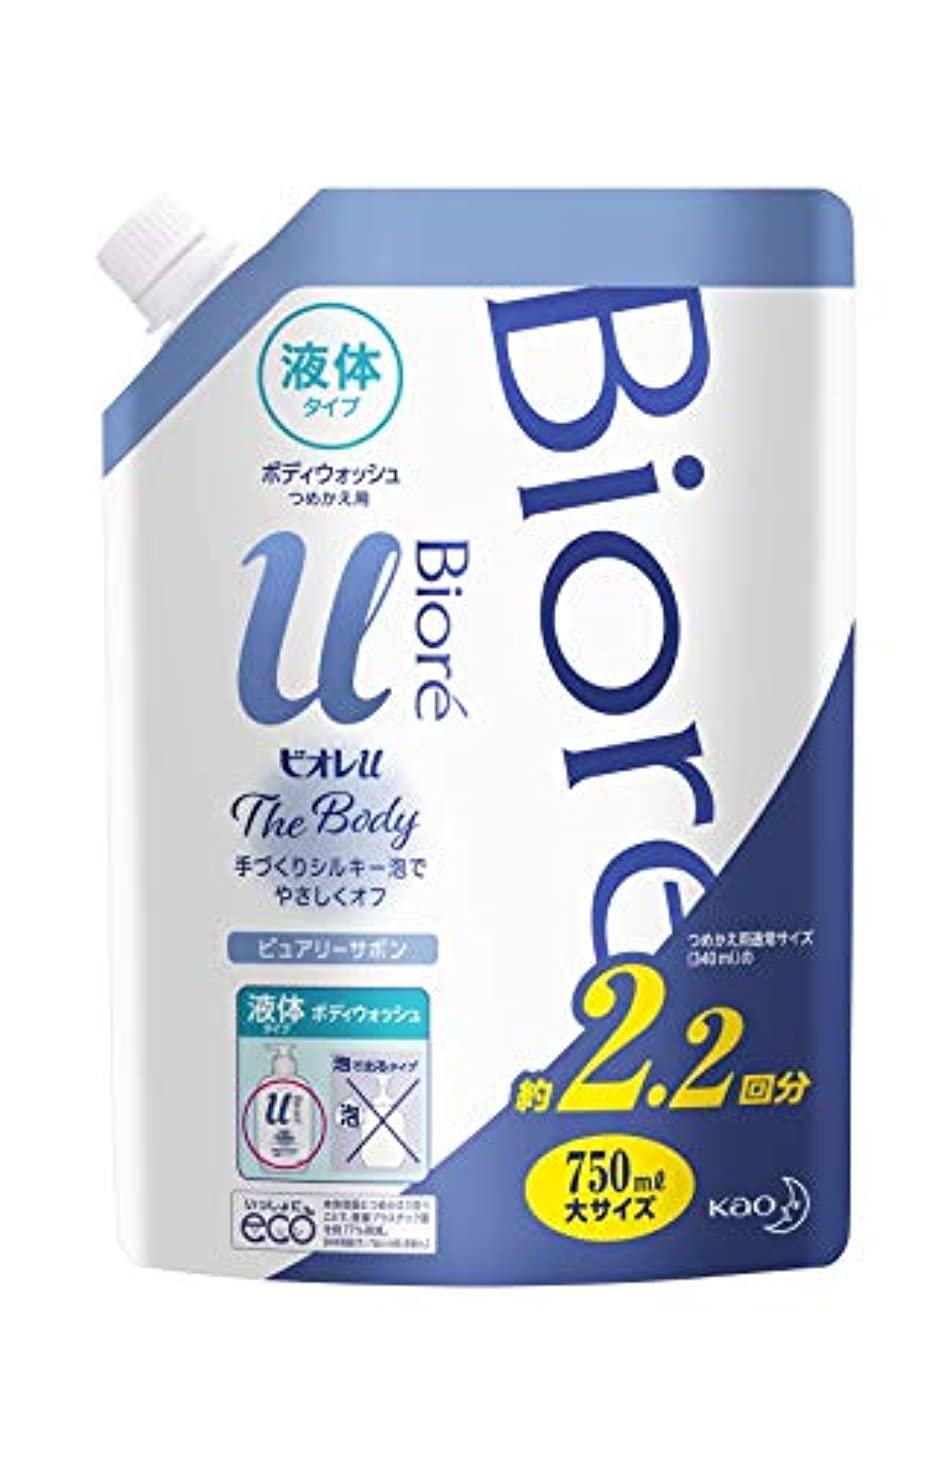 前述の気になるこどもの日【大容量】 ビオレu ザ ボディ 〔 The Body 〕 液体タイプ ピュアリーサボンの香り つめかえ用 750ml 「高潤滑処方の手づくりシルキー泡」